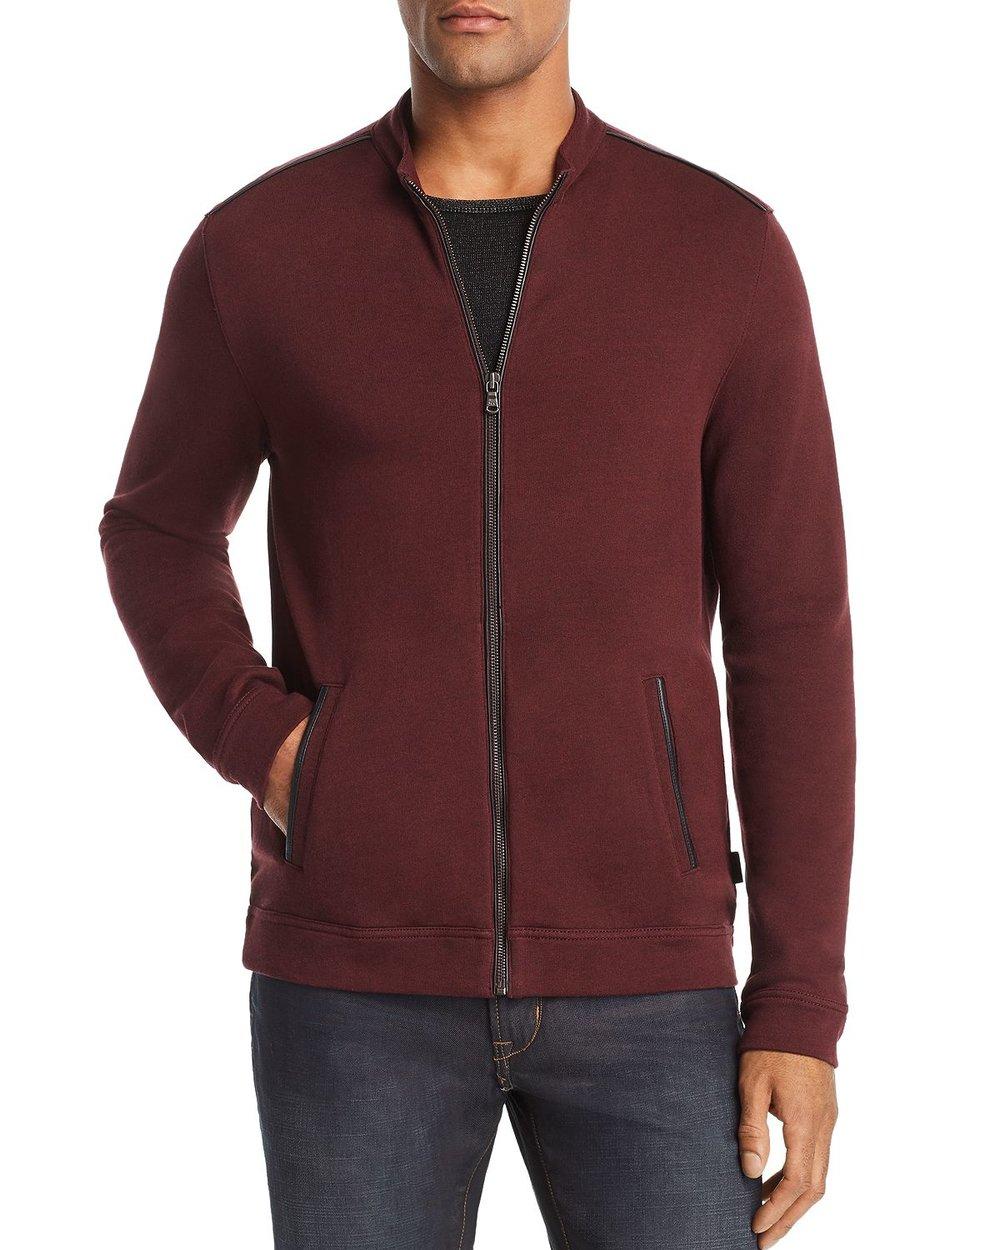 john varvatos faux leather trimmed jacket.jpg